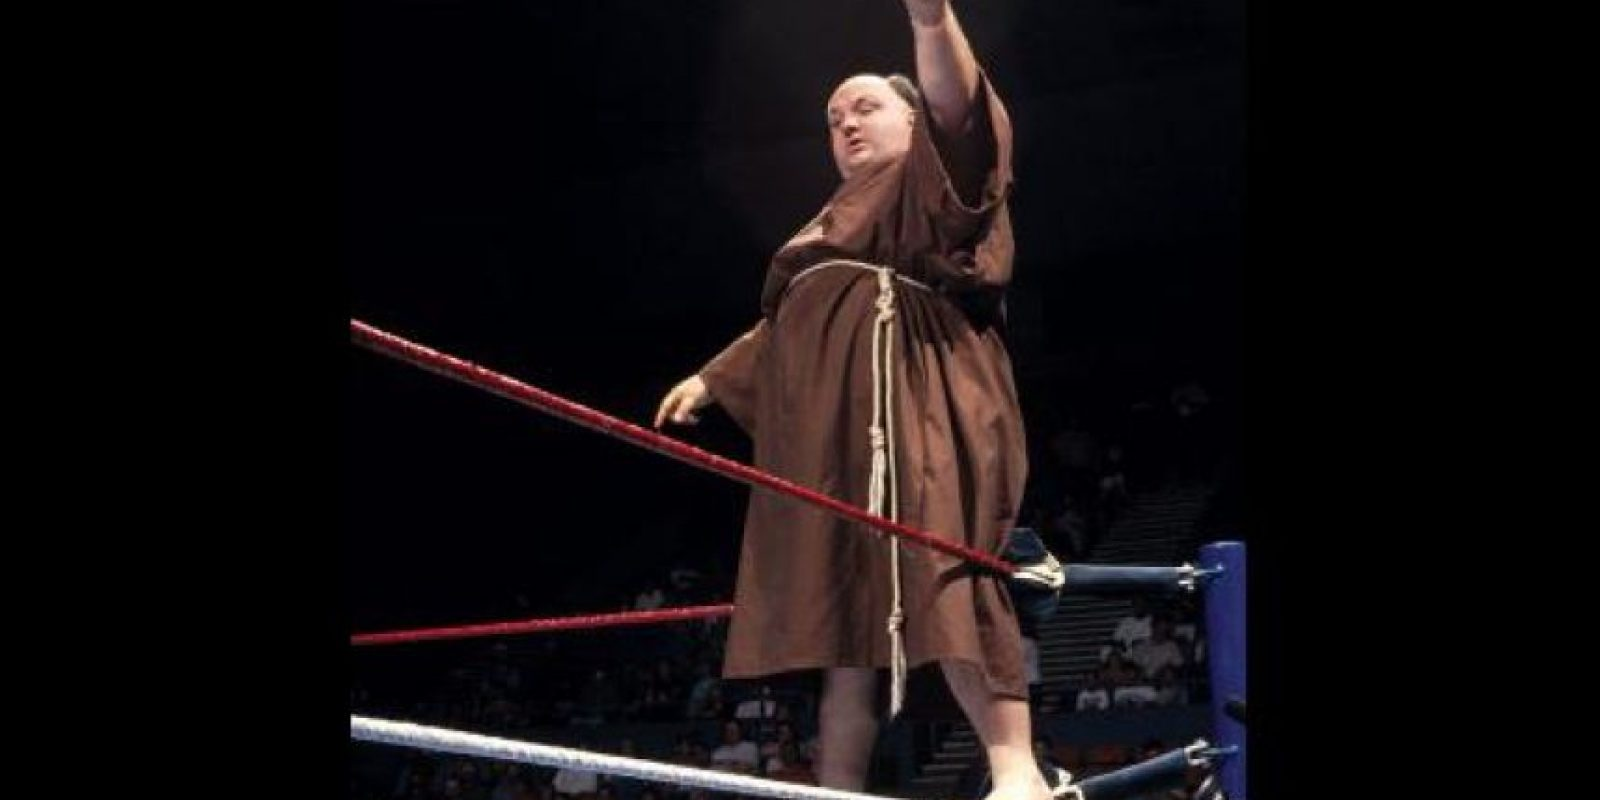 ¿A quién le parecería normal ver a un fraile repartiendo golpes por el cuadrilátero? Foto:WWE